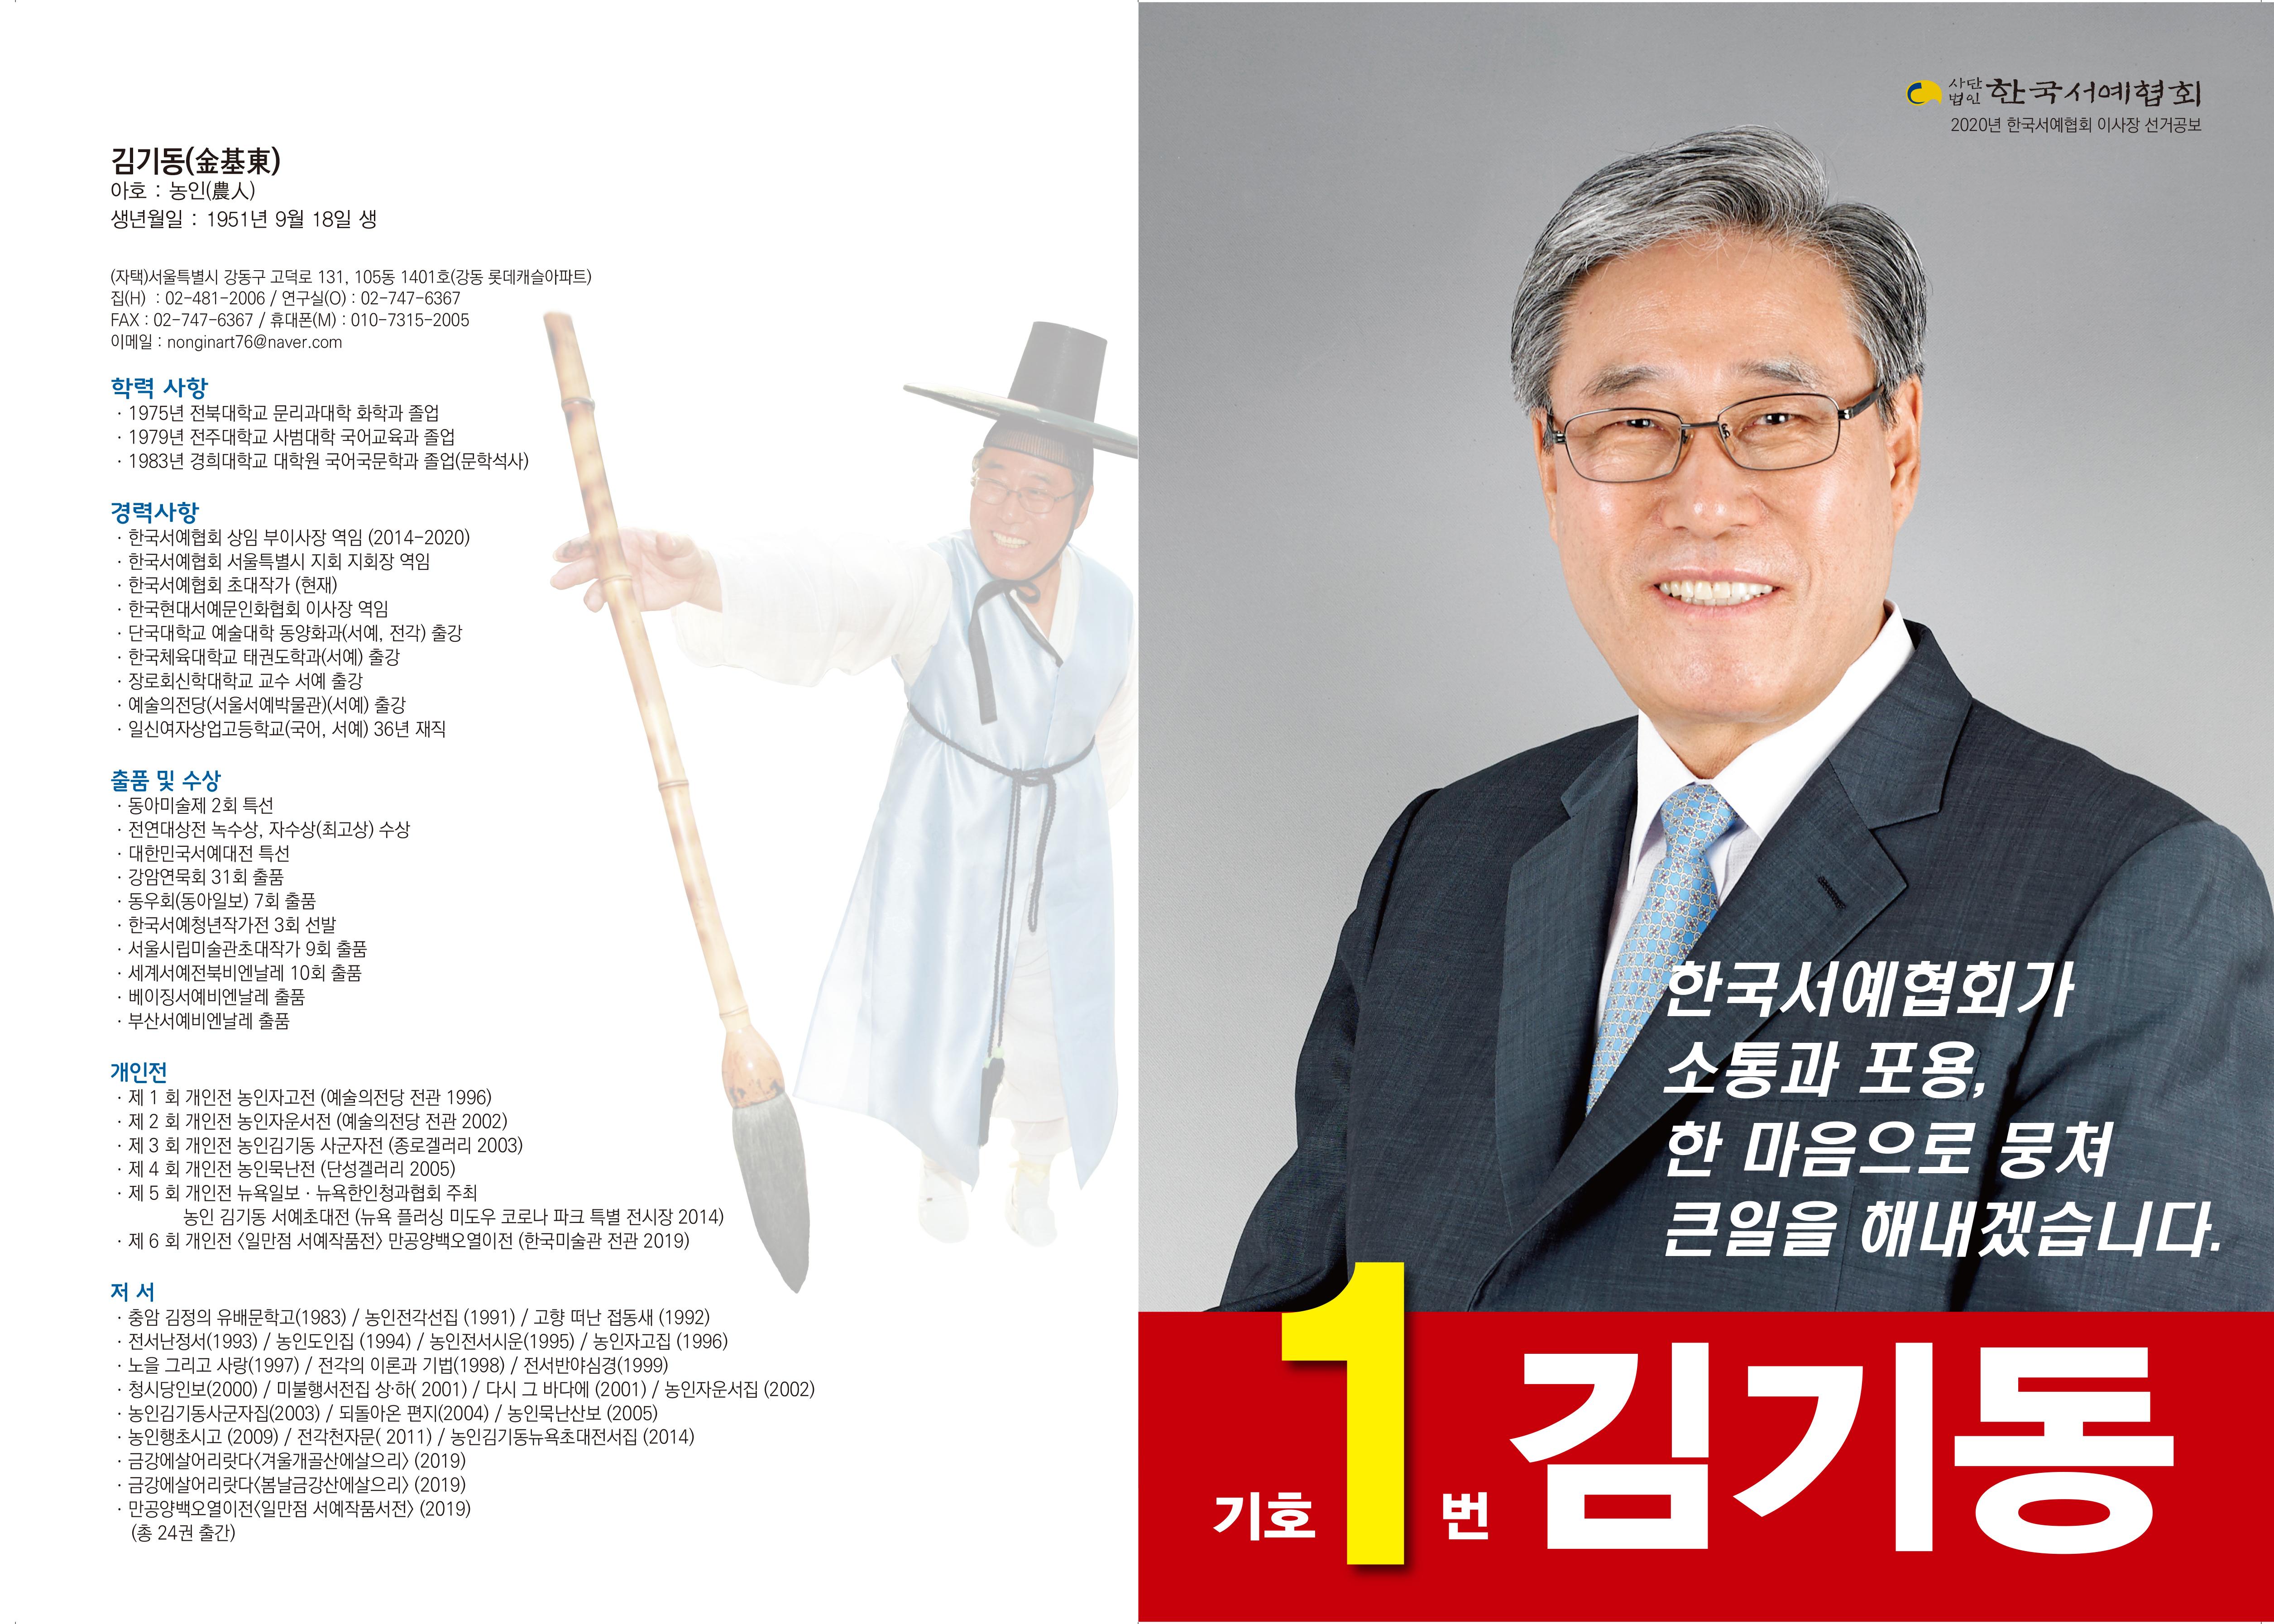 김기동-선거홍보물-최종5-1.jpg